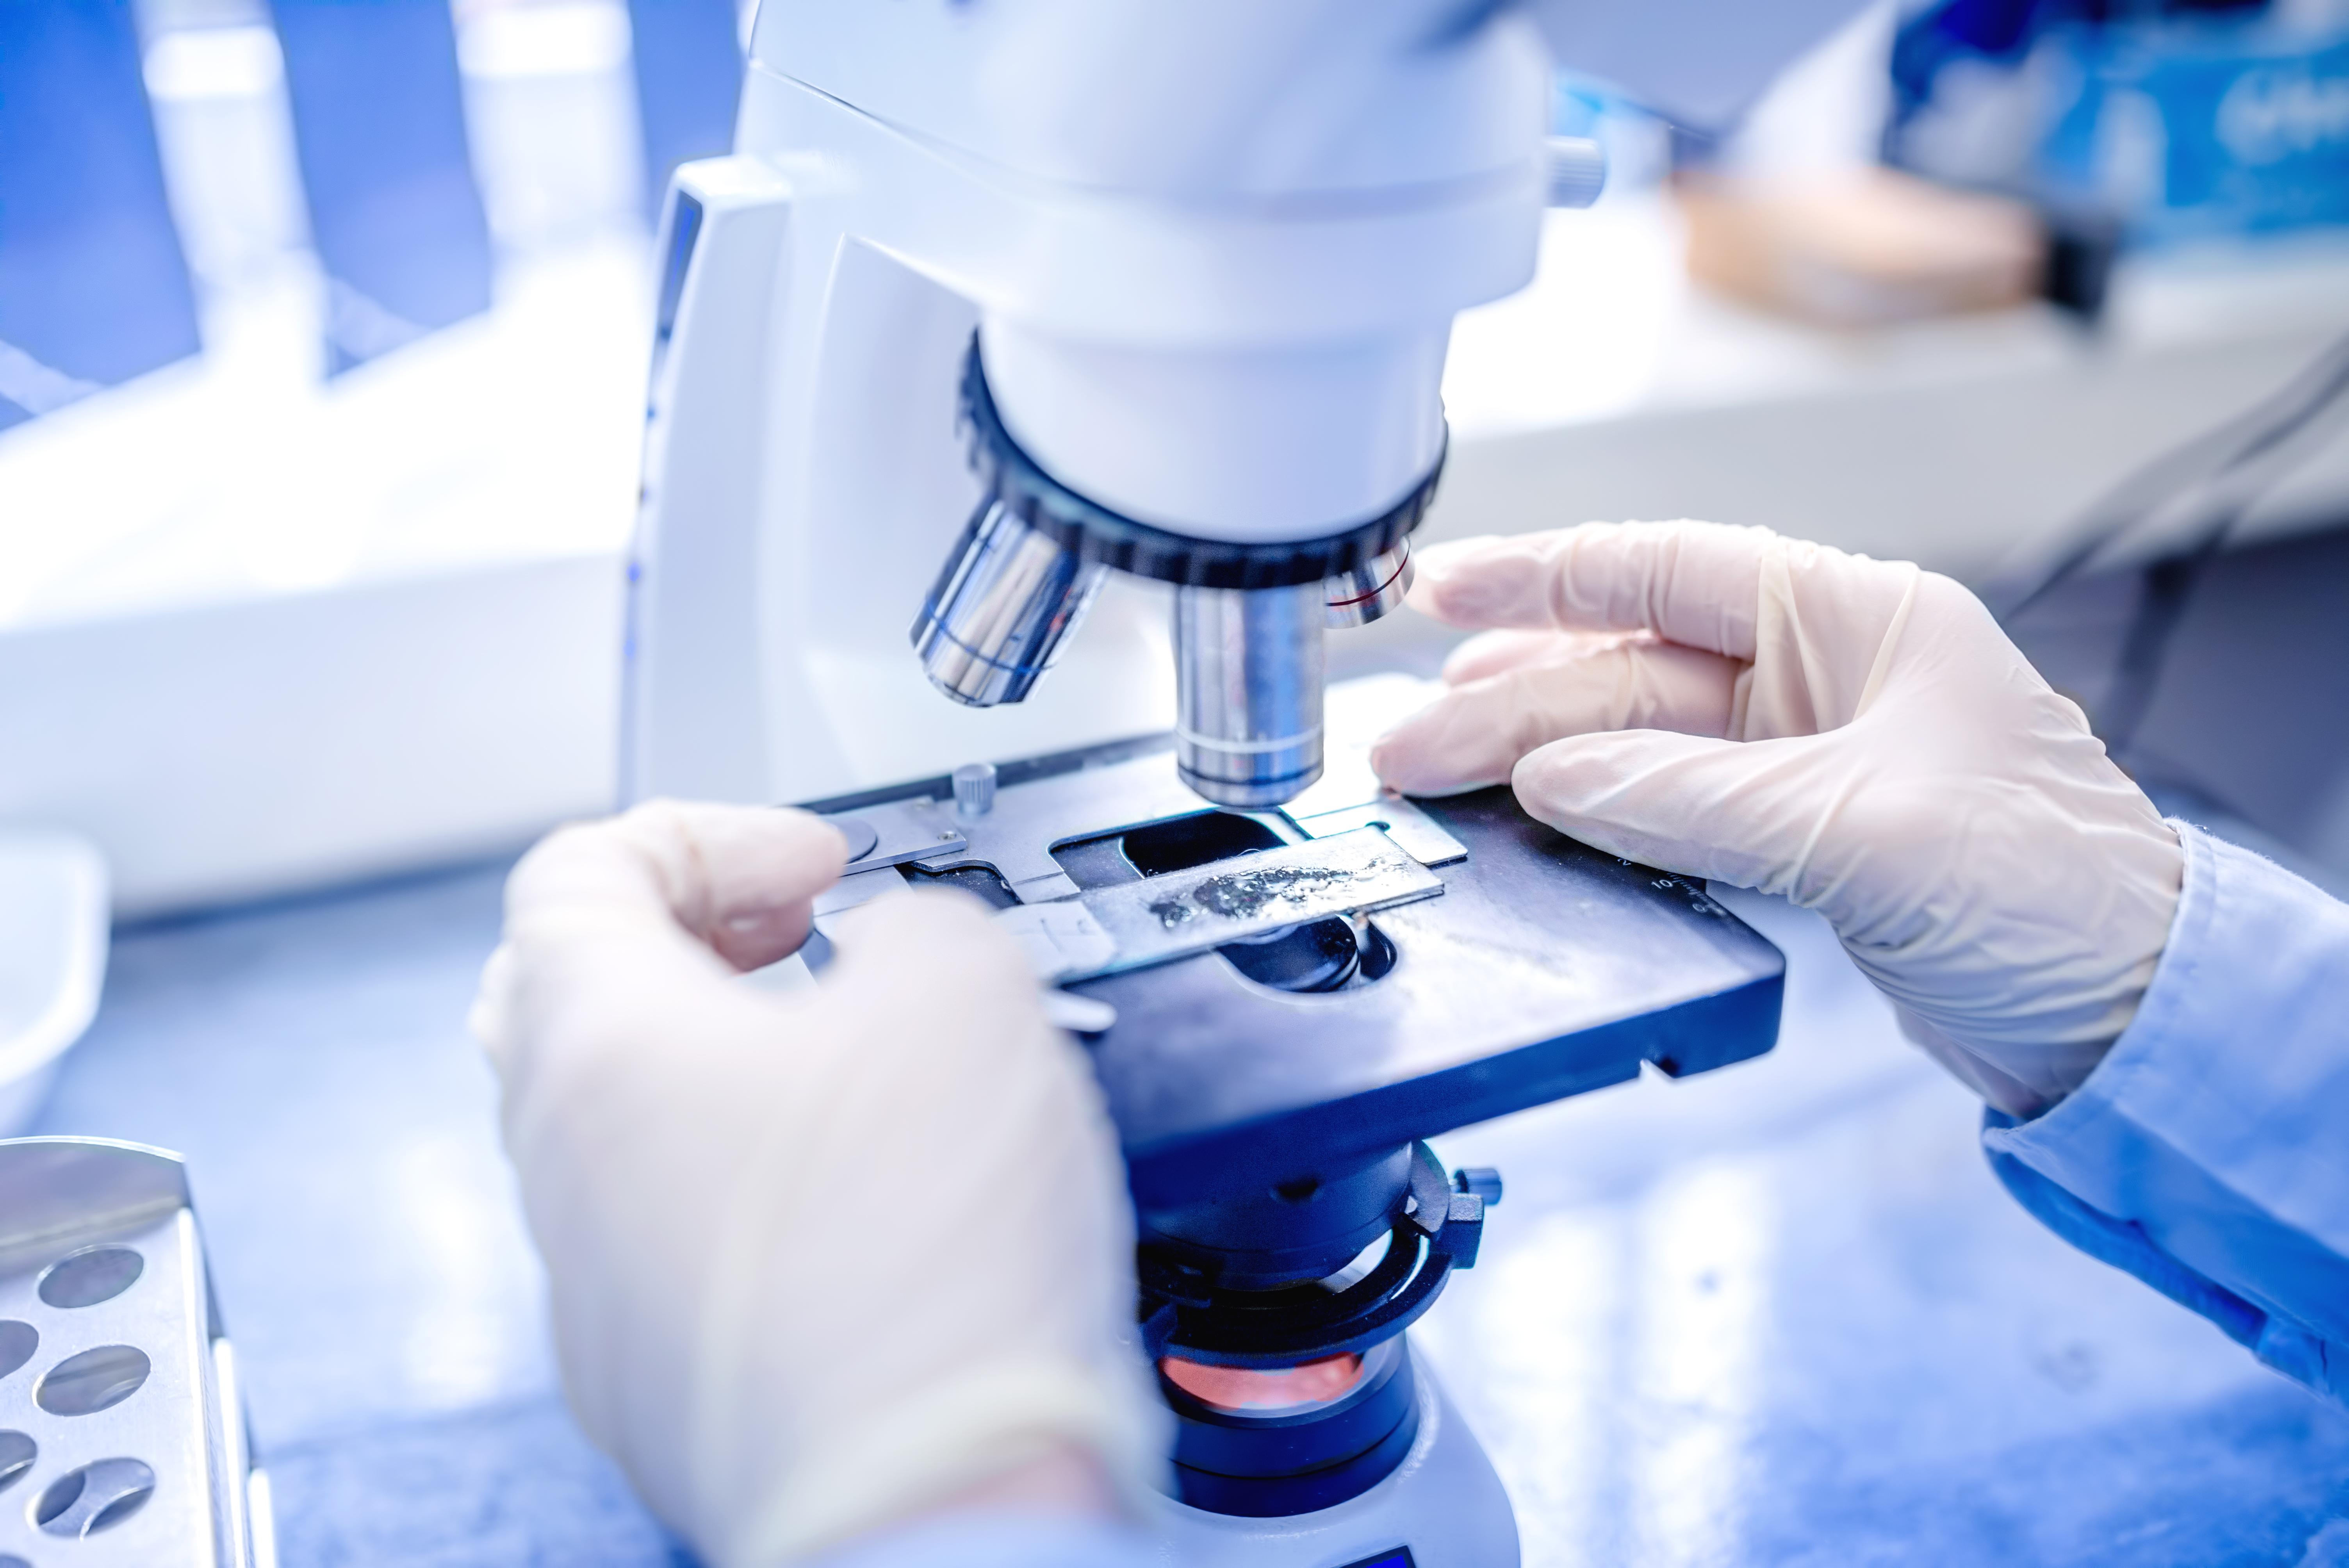 UAIC alocă noi fonduri pentru cercetarea științifică din facultăți